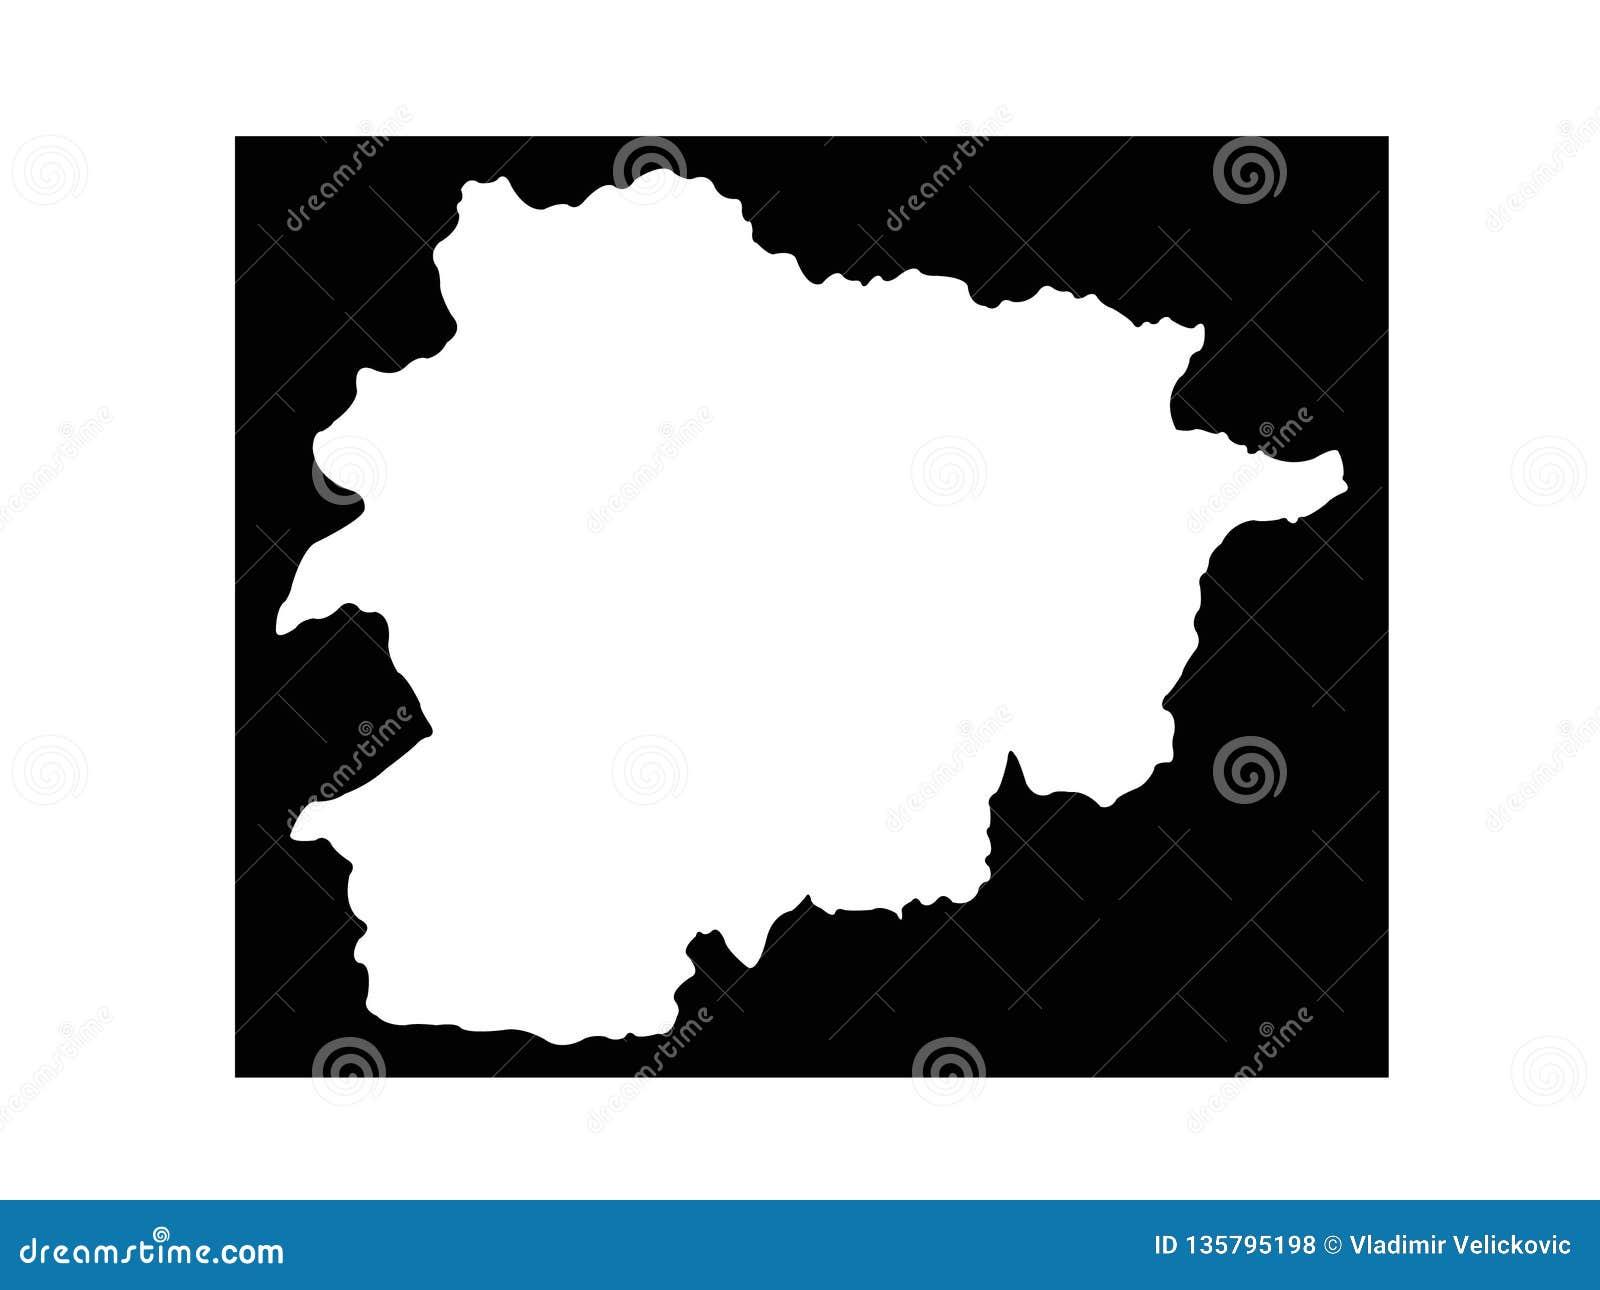 Andorra map - Principality of Andorra